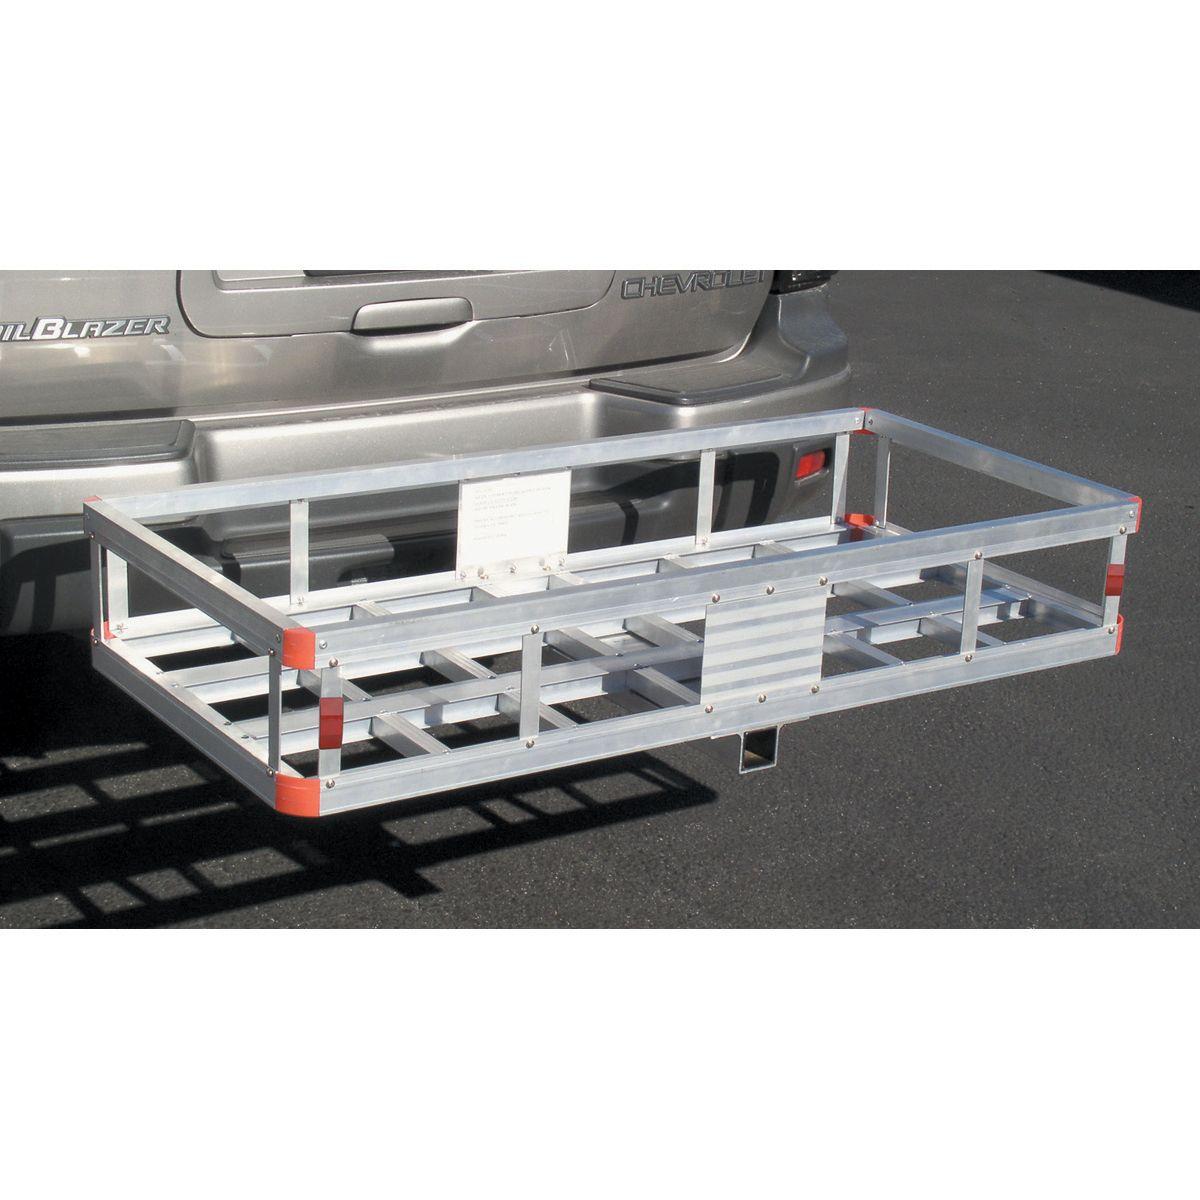 500 lb. Capacity Aluminum Cargo Carrier Cargo trailers